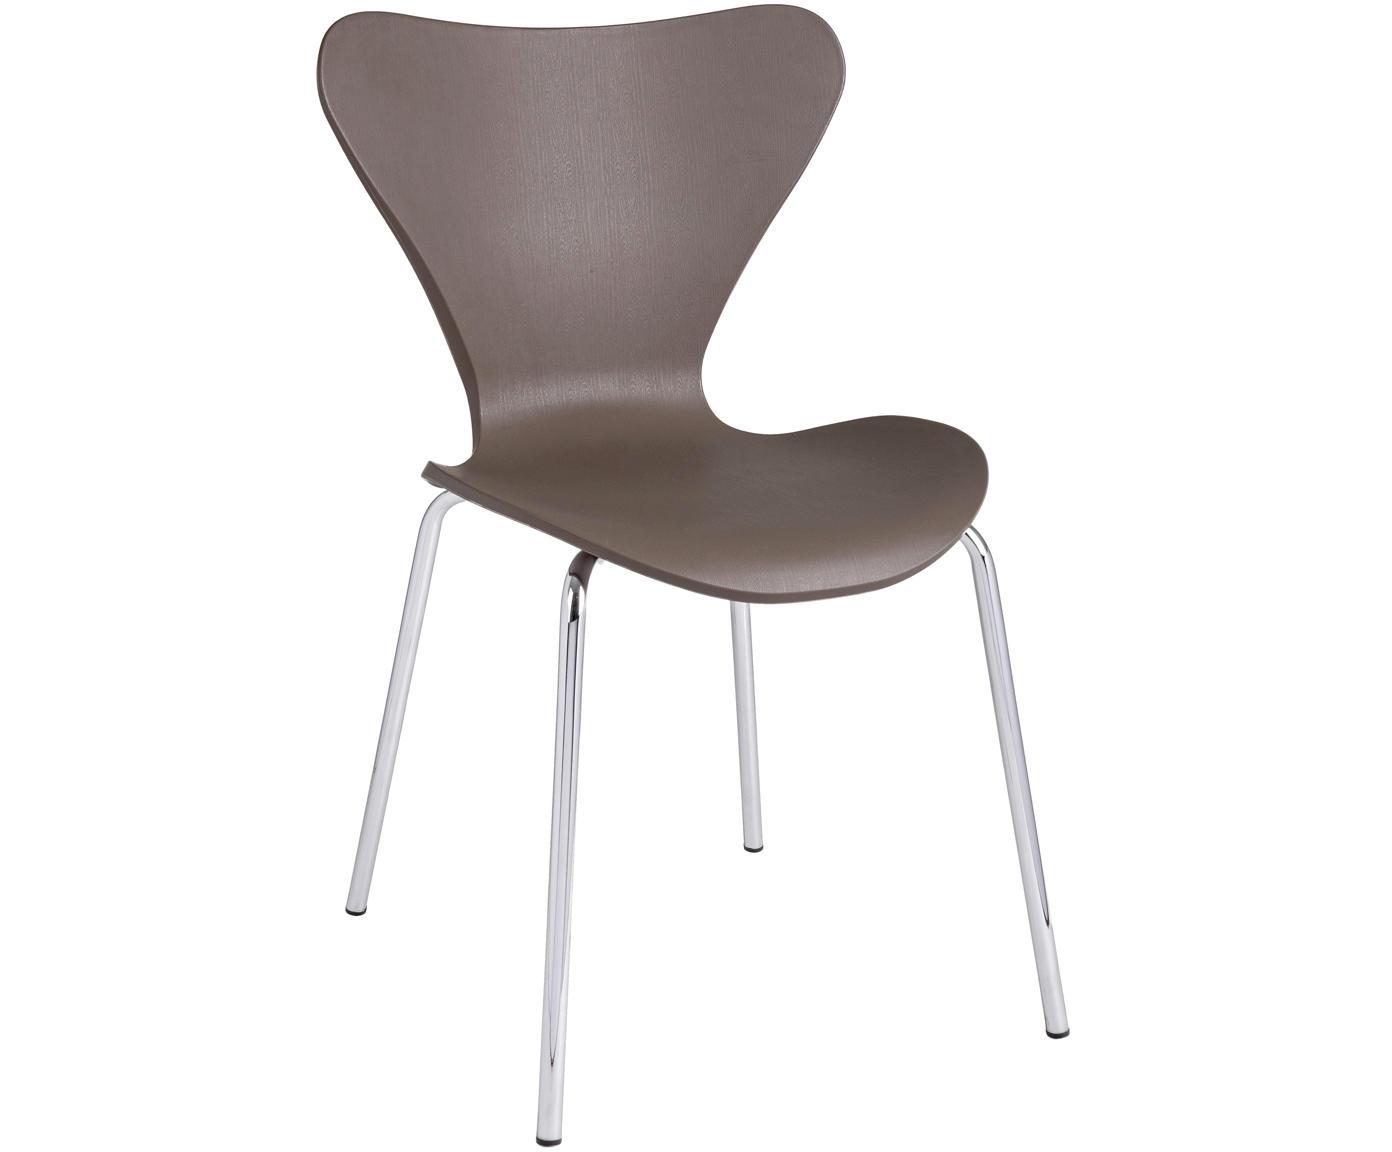 Krzesło z tworzywa sztucznego do układania w stos Tessa, 2szt., Nogi: metal chromowany, Kamelowy, chrom, S 50 x G 50 cm